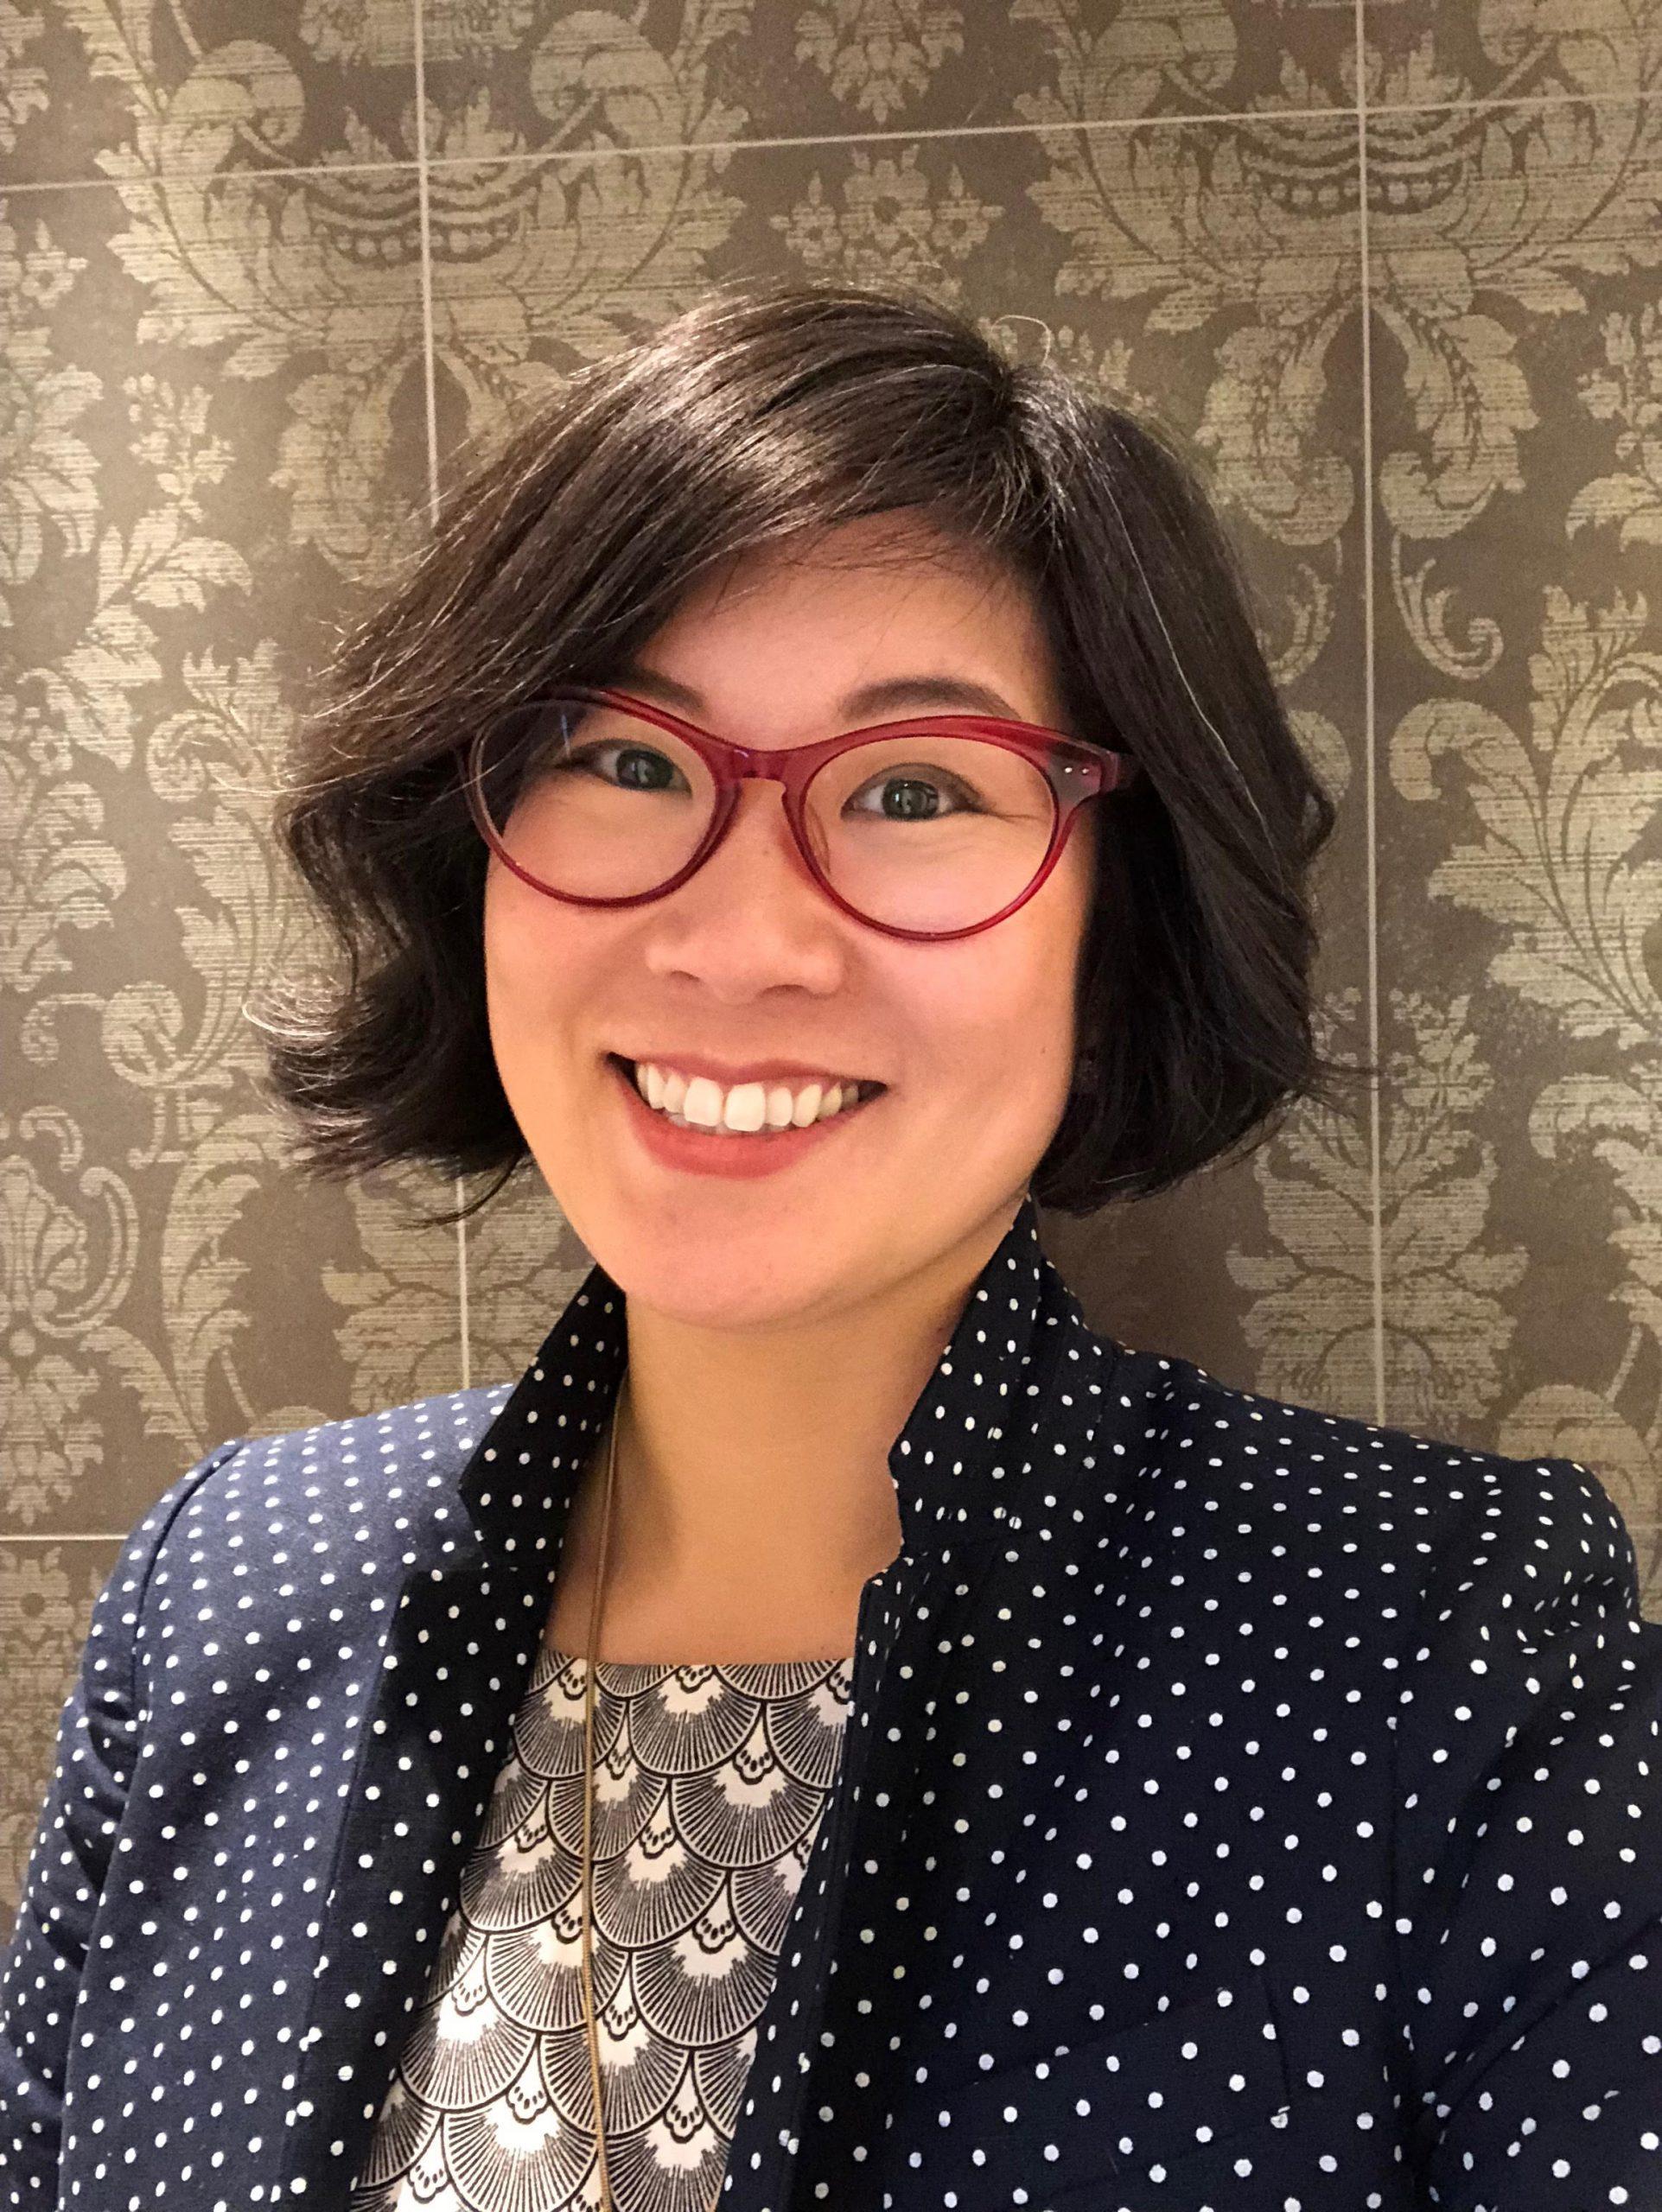 Nanako Tamaru